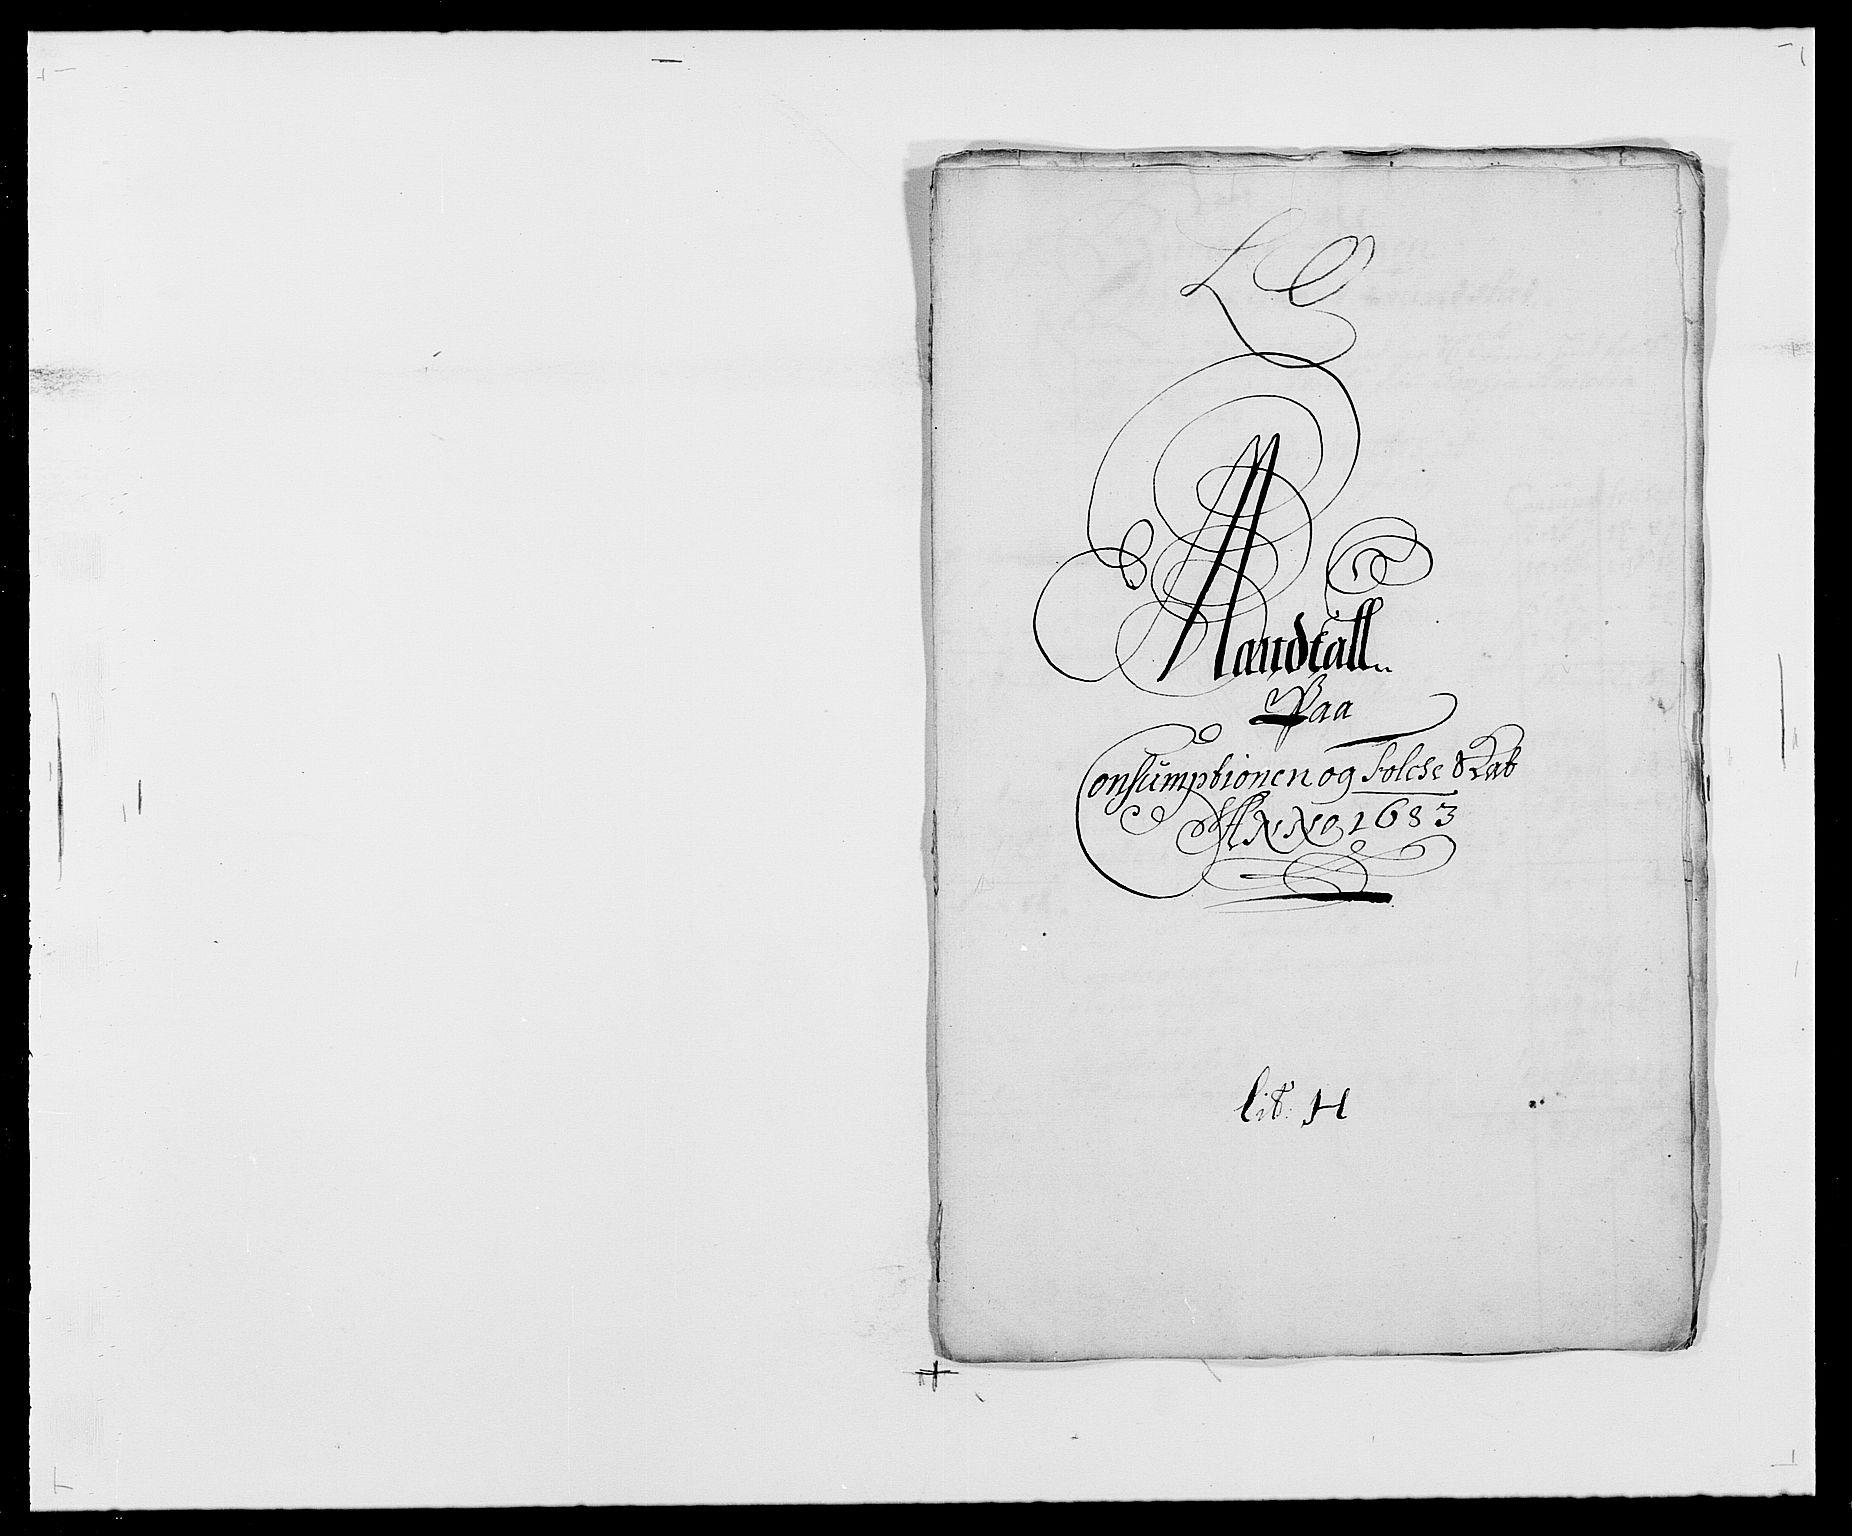 RA, Rentekammeret inntil 1814, Reviderte regnskaper, Fogderegnskap, R29/L1692: Fogderegnskap Hurum og Røyken, 1682-1687, s. 158